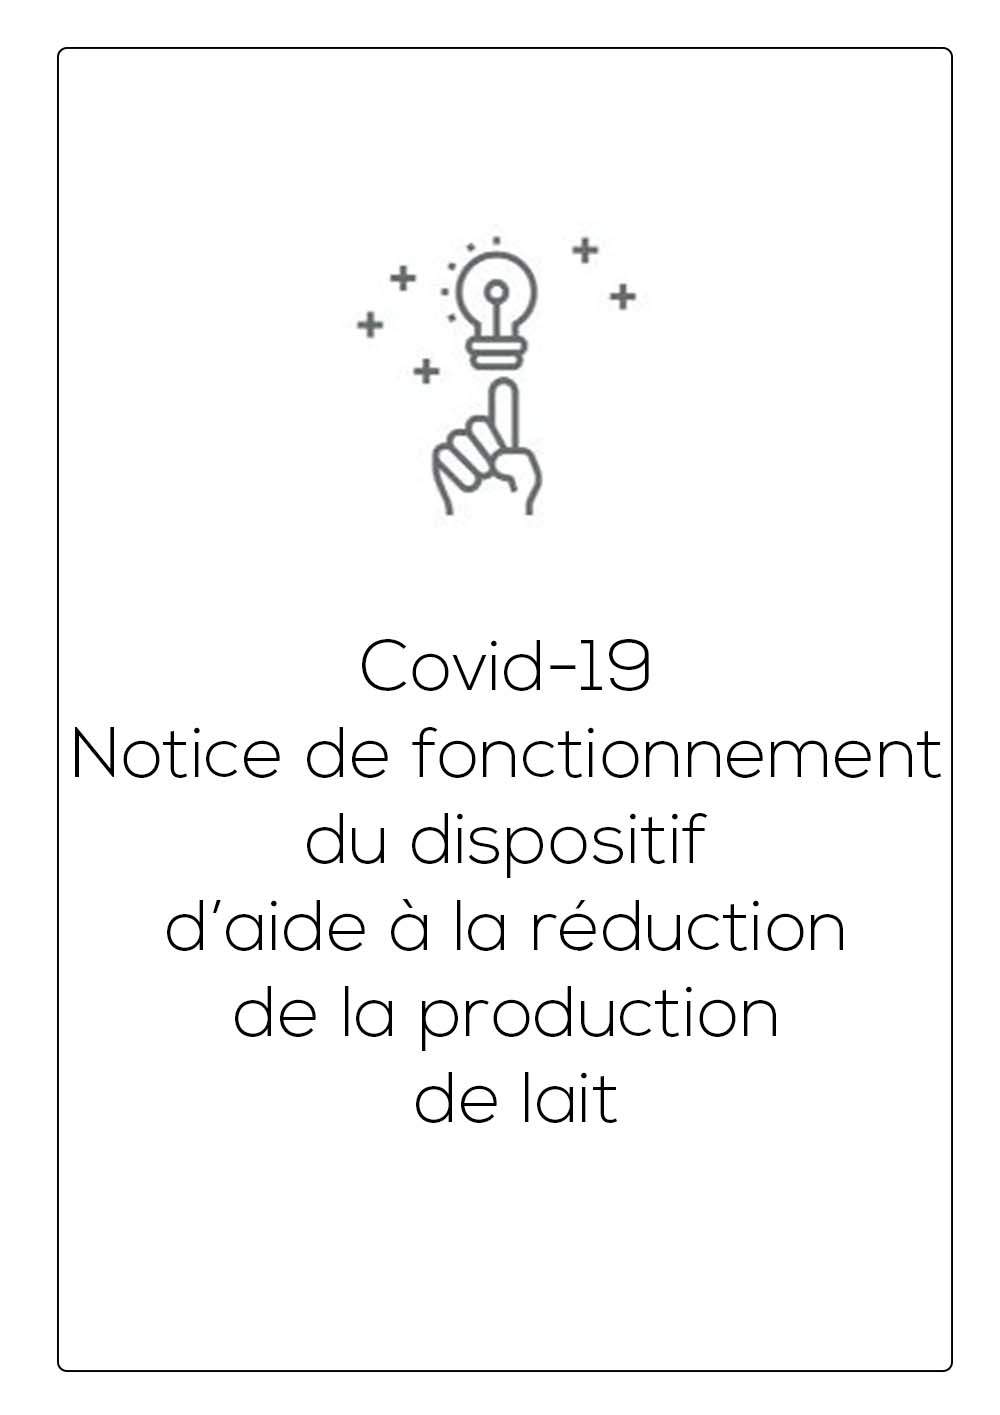 Covid-19 – Notice de fonctionnement du dispositif d'aide à la réduction de la production